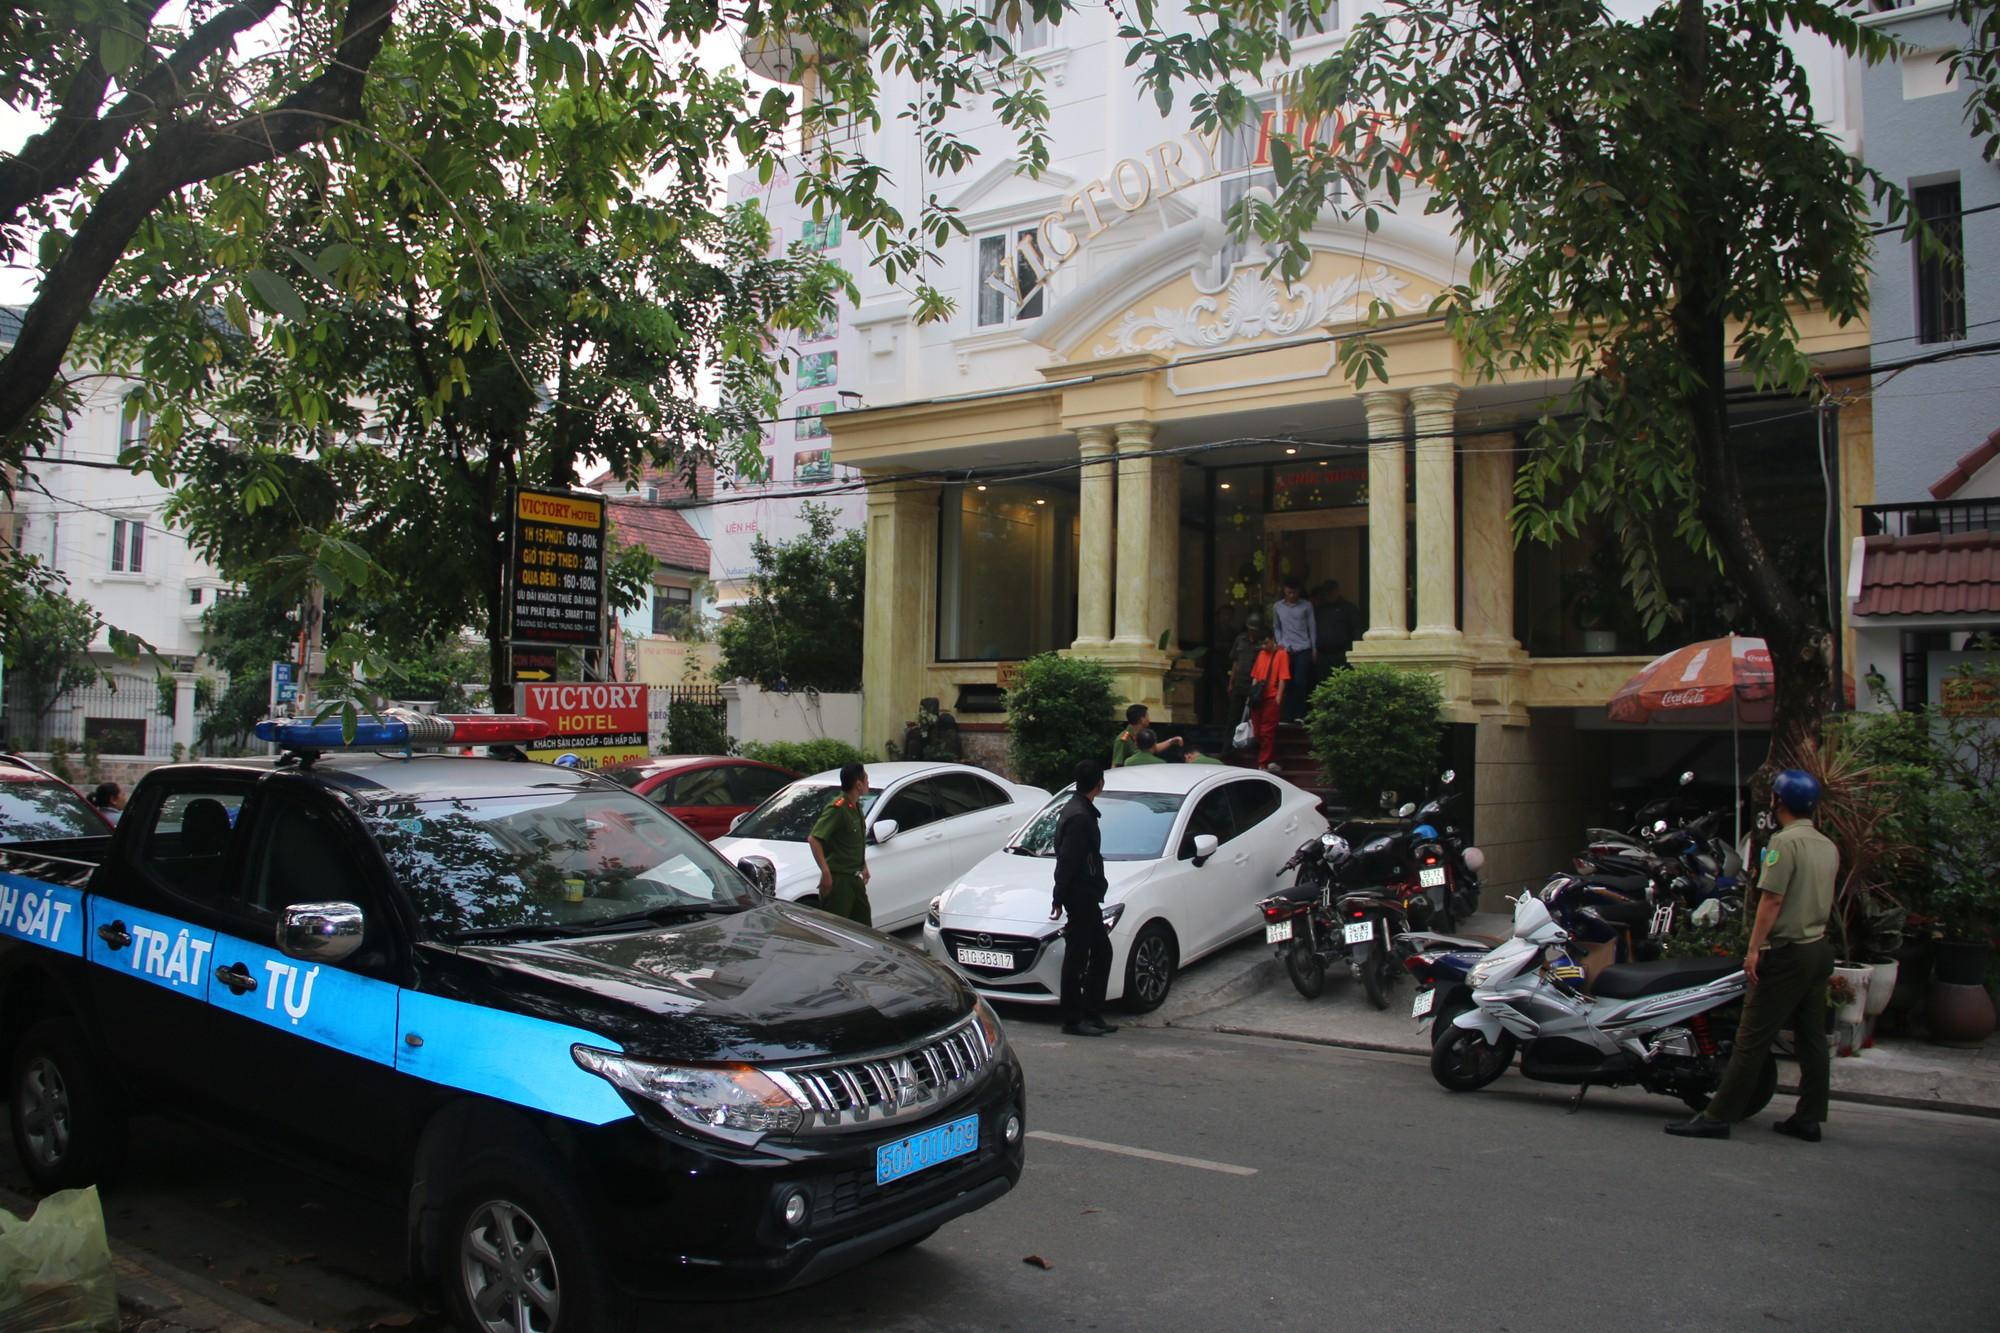 Nhiều nam nữ thuê khách sạn nghi phê ma tuý ở Sài Gòn trong ngày 28 Tết nguyên Đán - Ảnh 4.